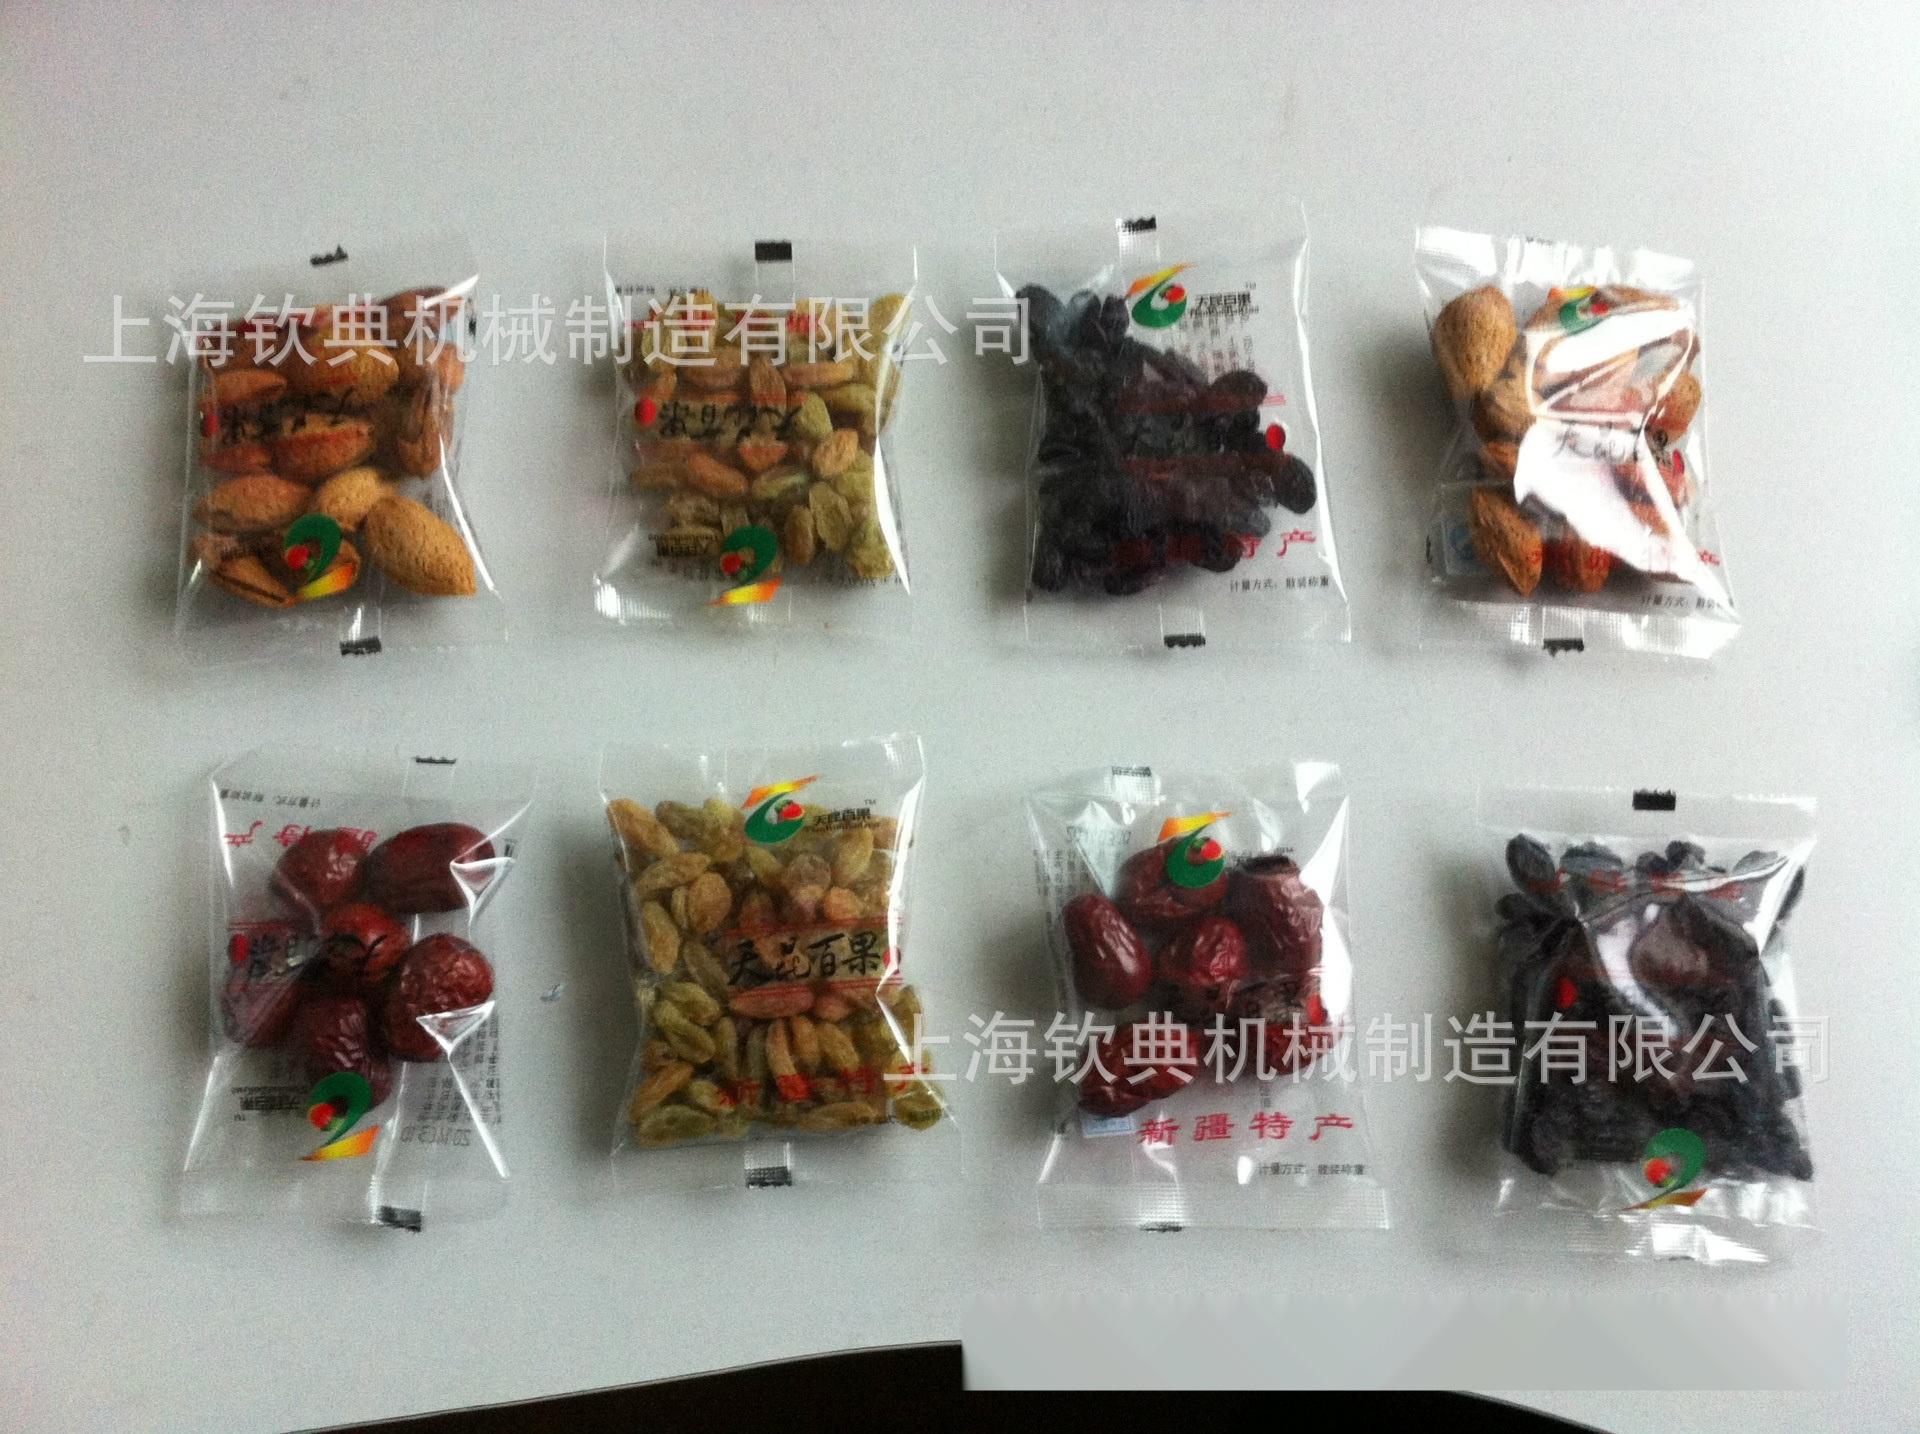 供食品機械-食品包裝機械,食品生產設備,茶葉機械設備包裝機械